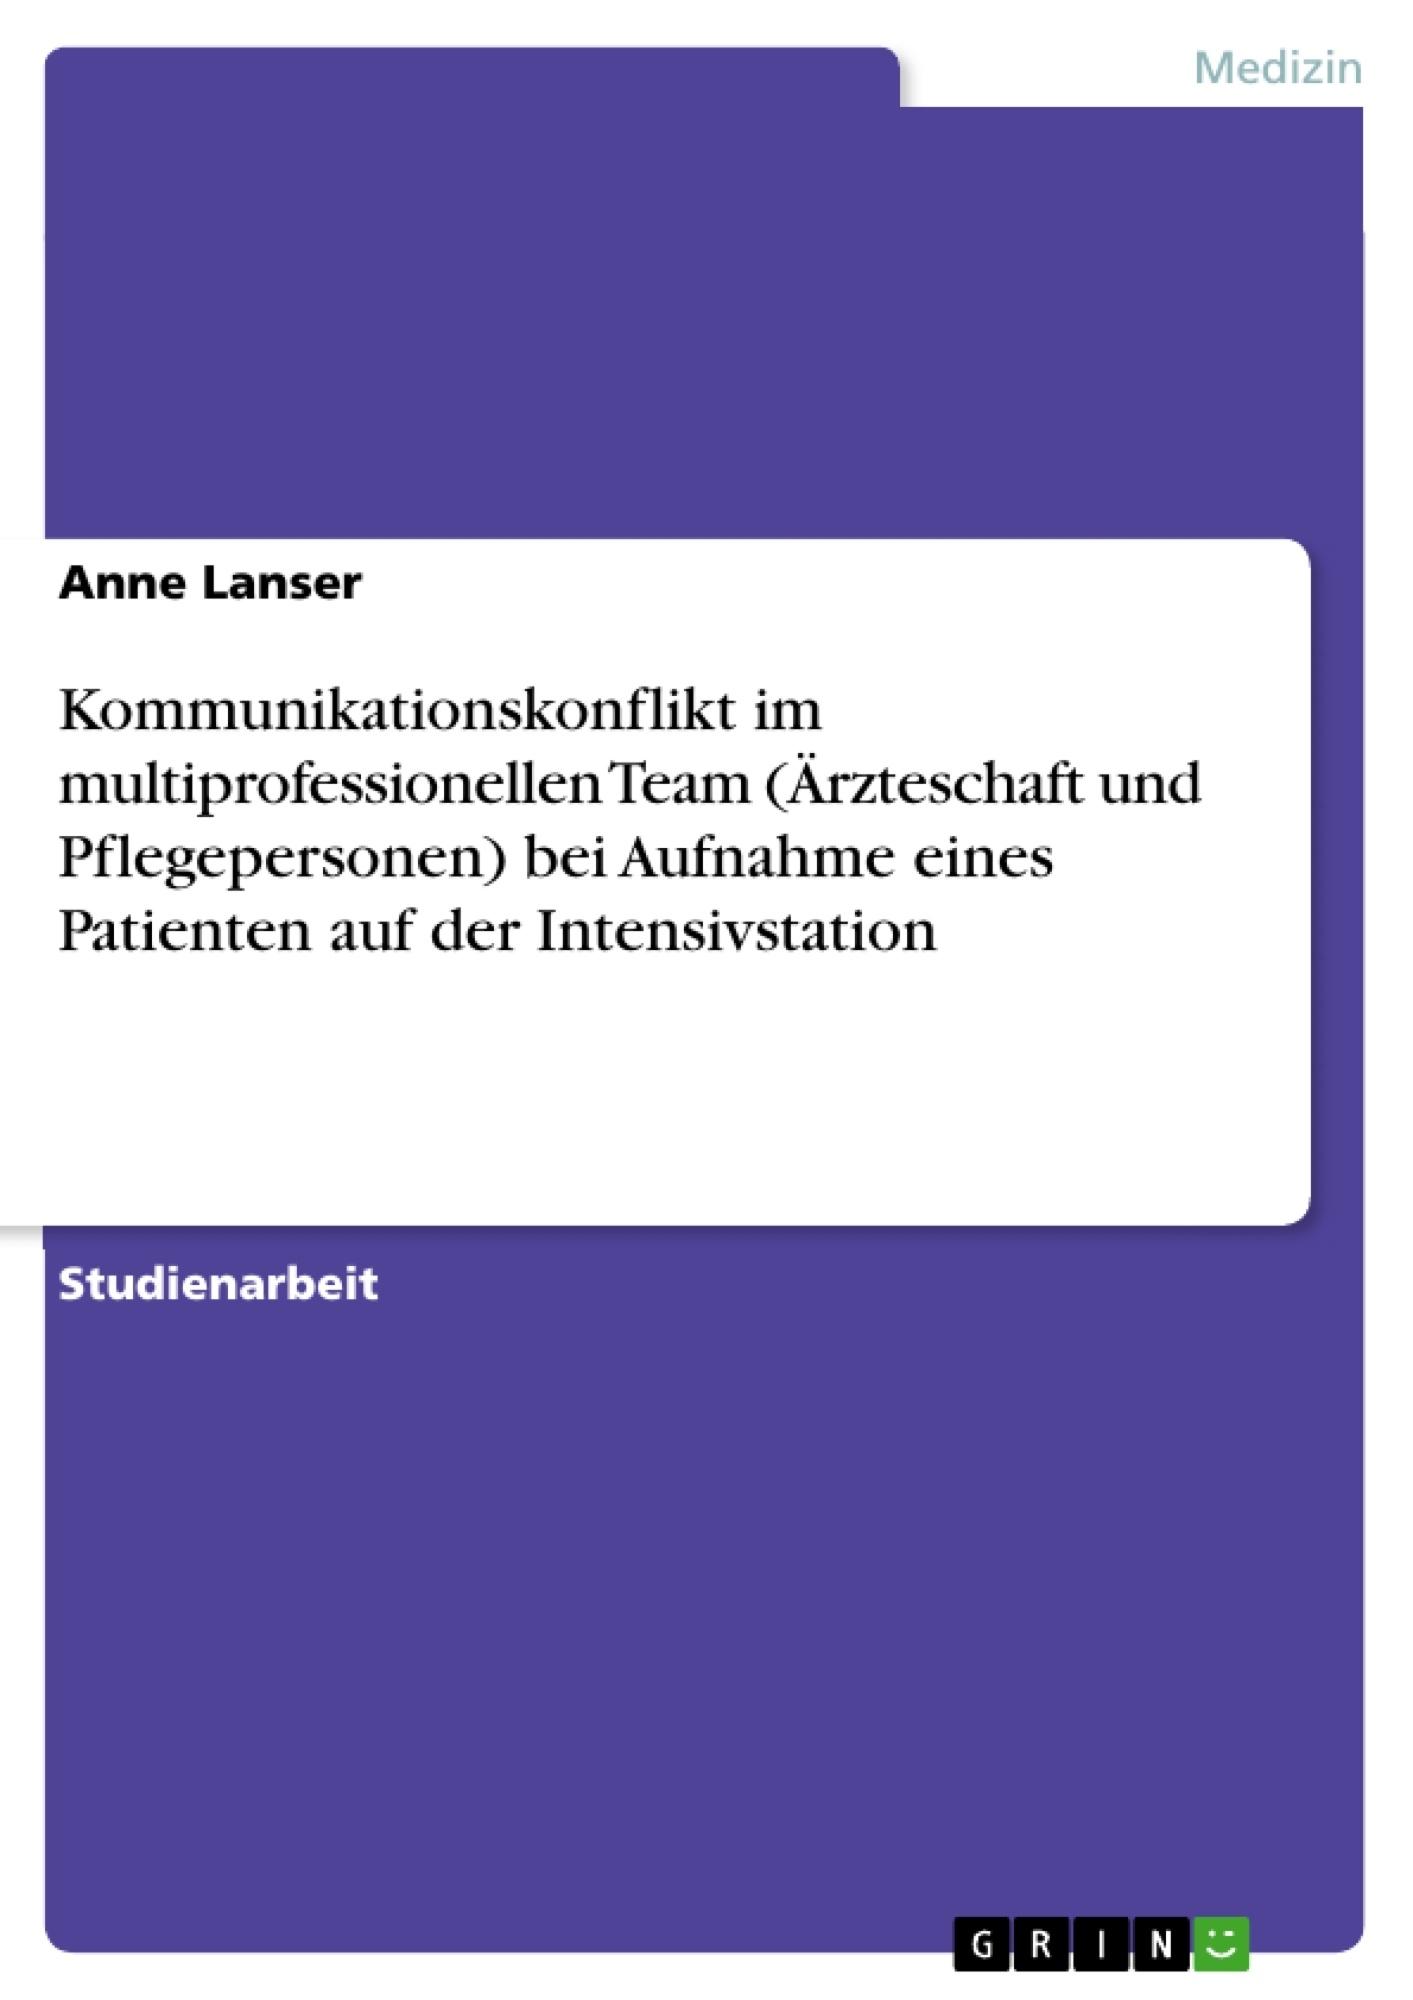 Titel: Kommunikationskonflikt im multiprofessionellen Team (Ärzteschaft und Pflegepersonen) bei Aufnahme eines Patienten auf der Intensivstation